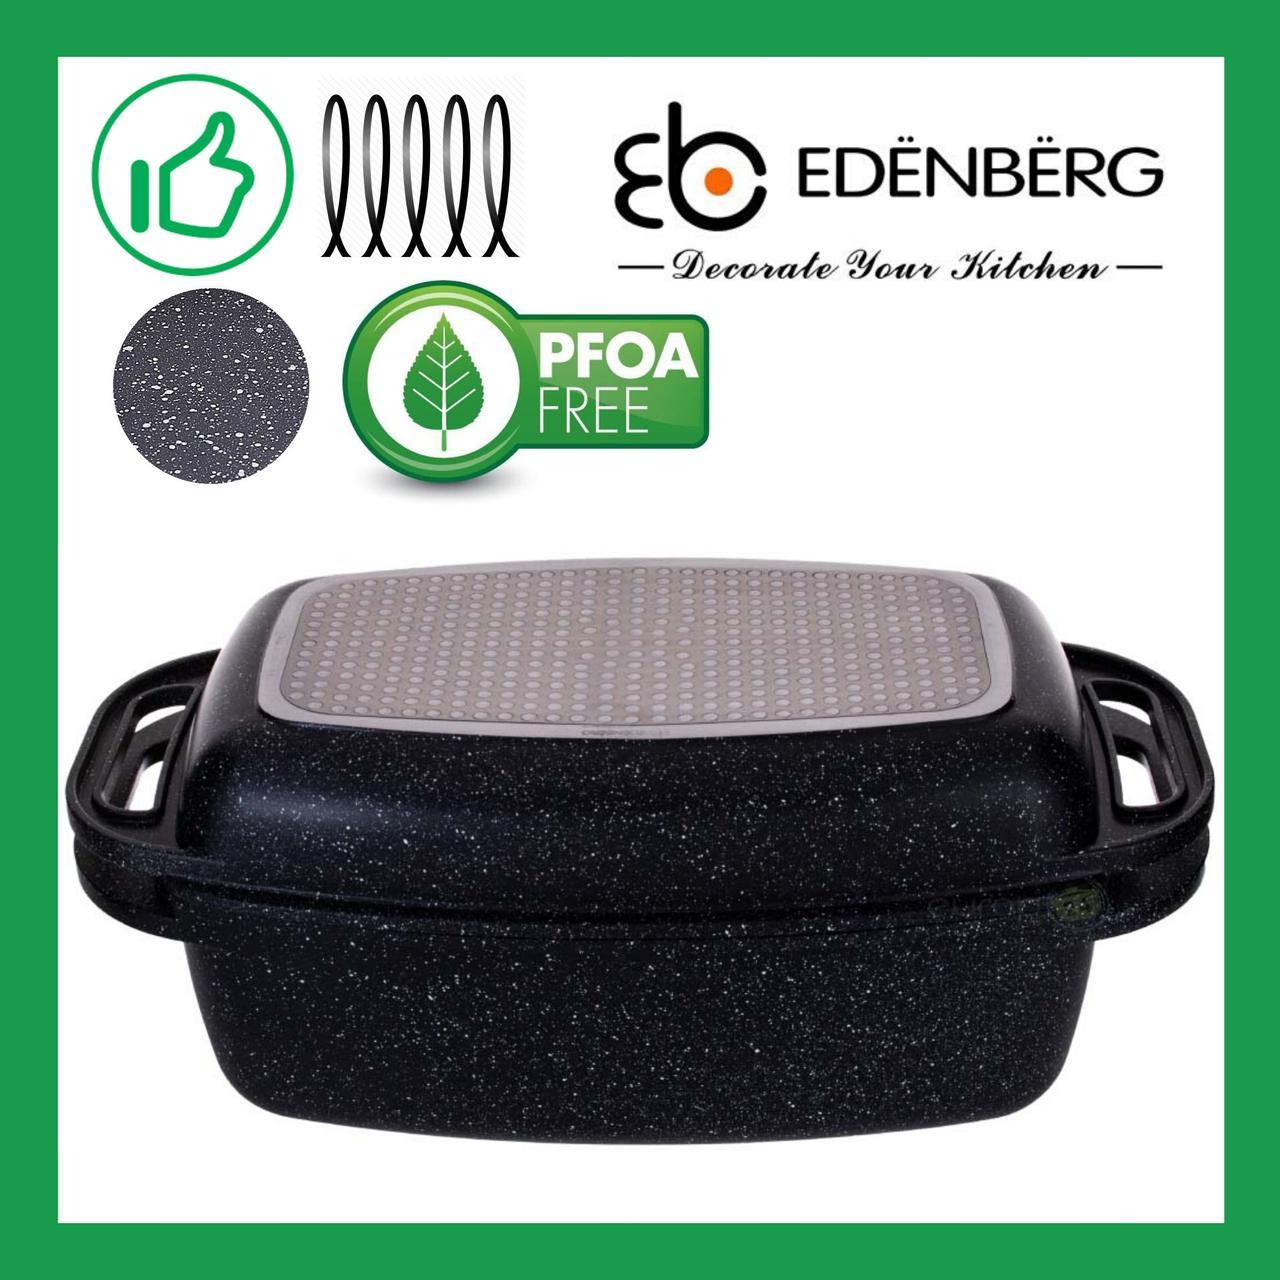 Гусятница литая антипригарная с крышкой Edenberg 5.1 л (EB-4607)